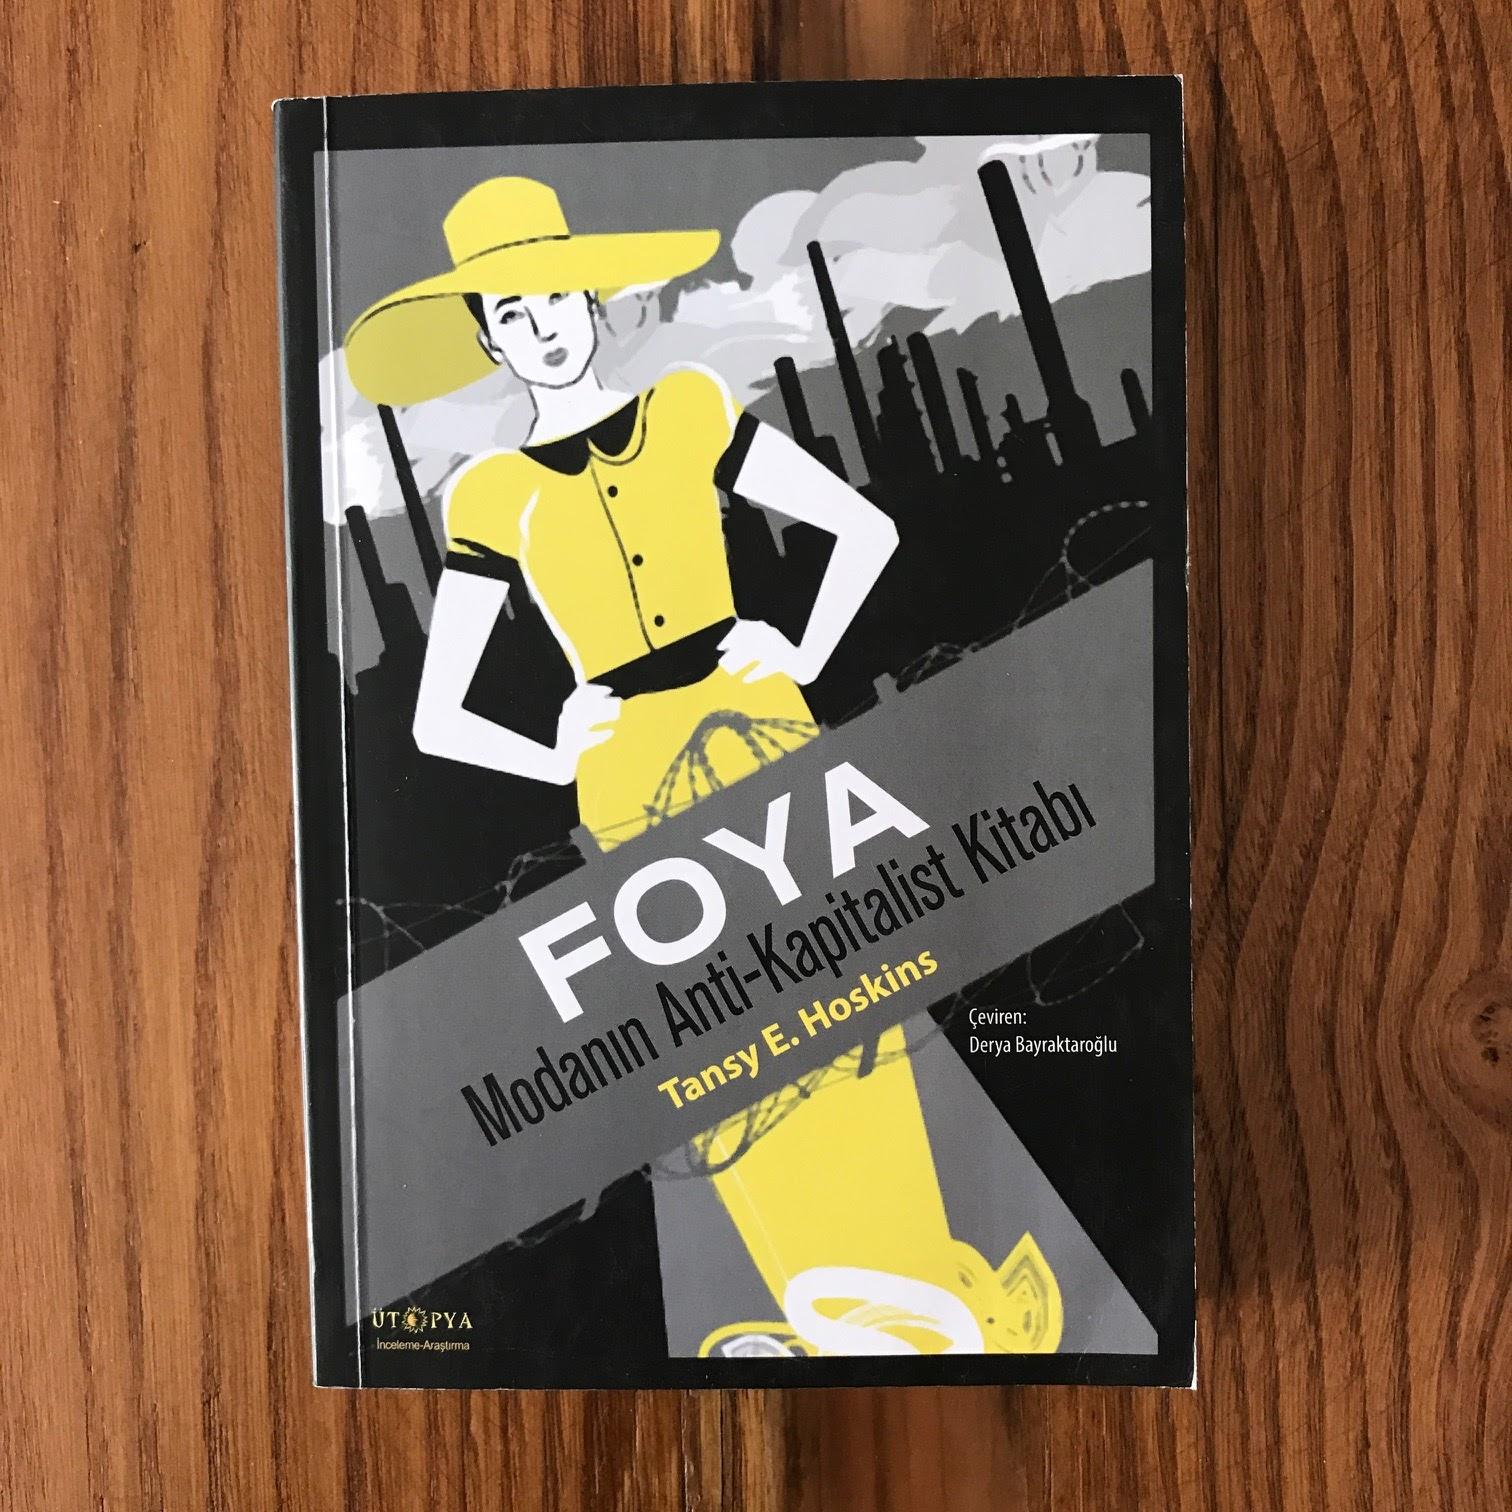 Foya - Modanin Antikapitalist Kitabi